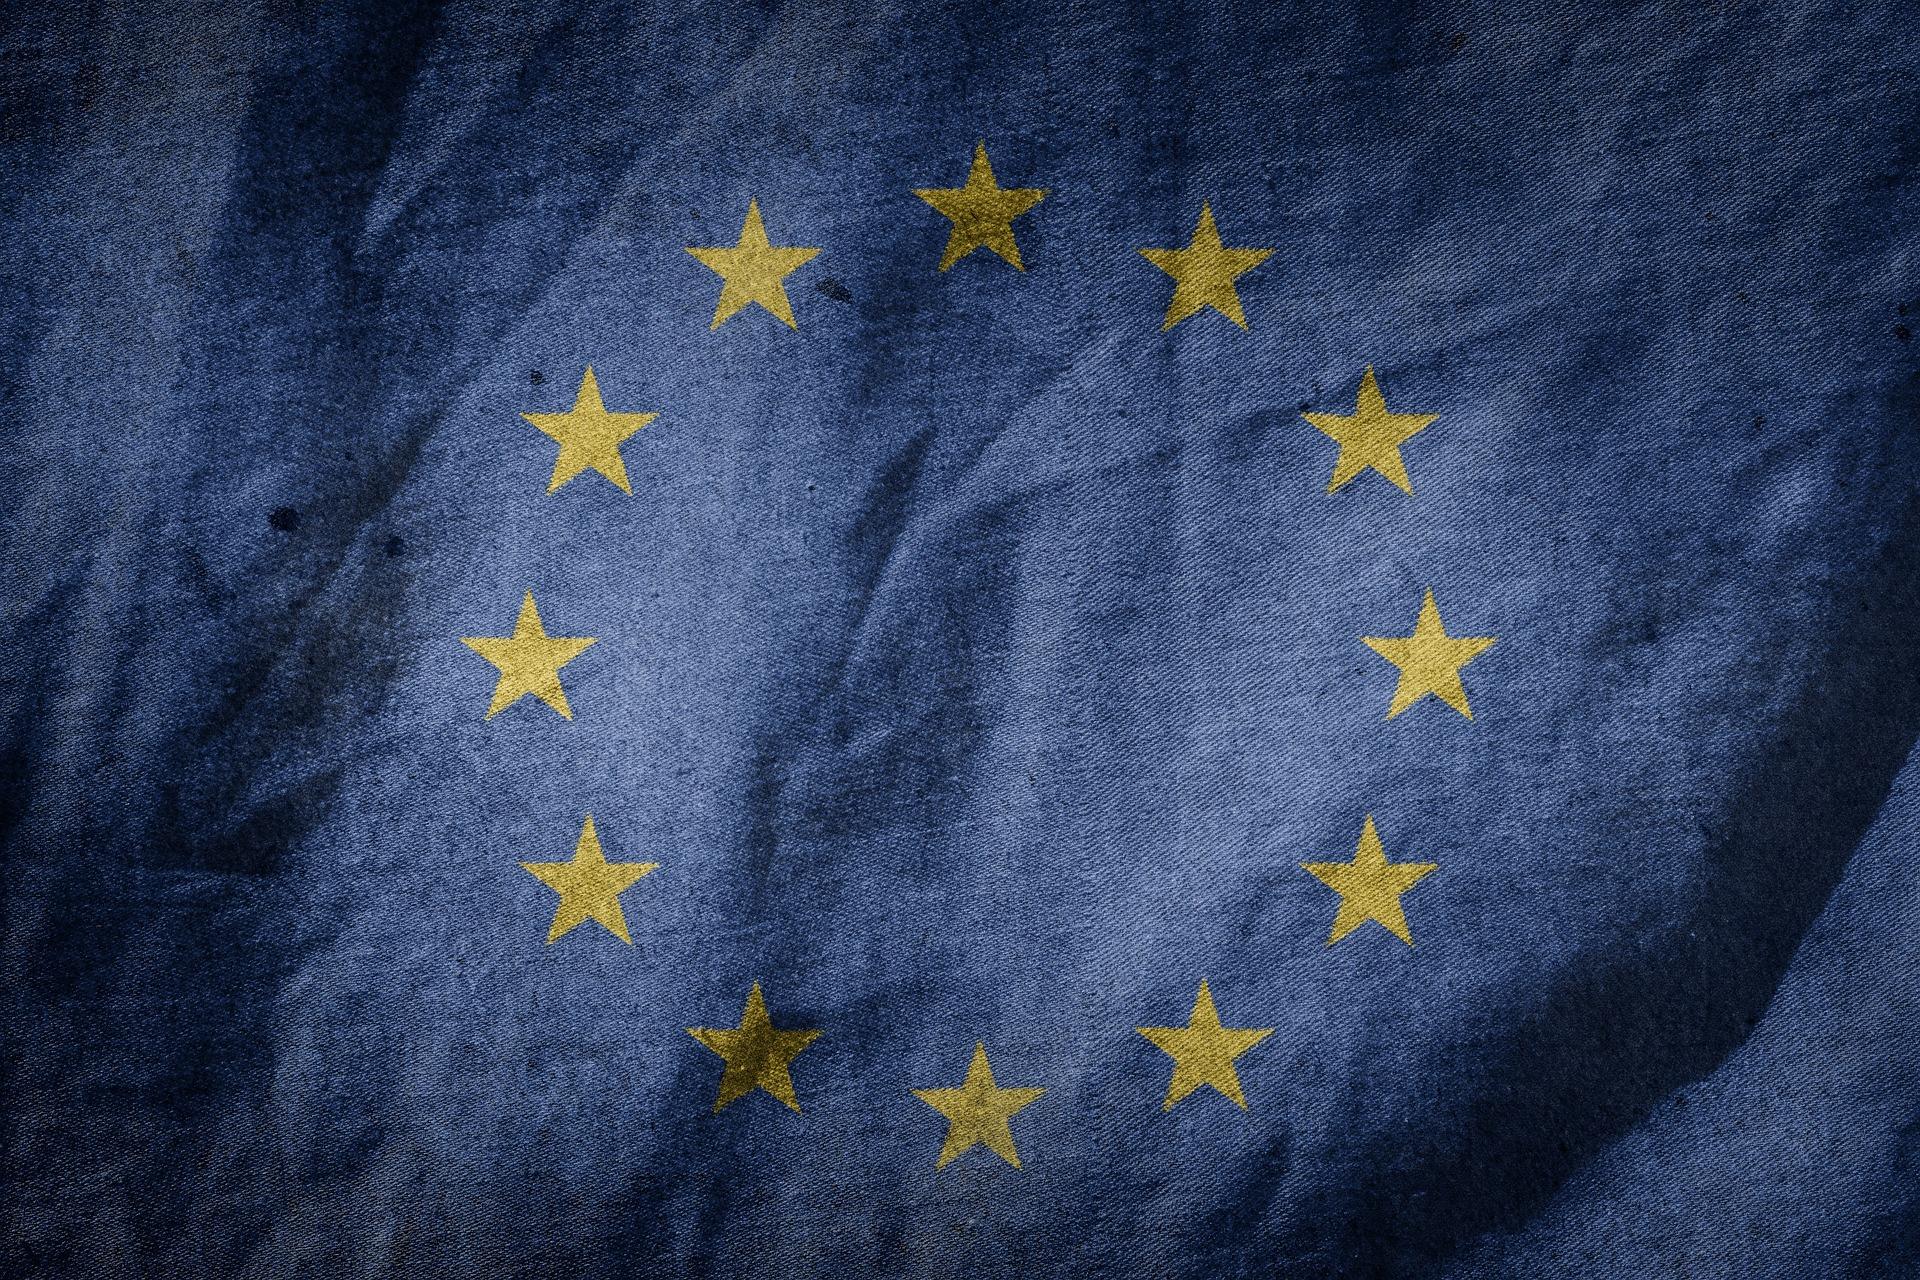 trinunal-justicia-union-europea El Tribunal de Justicia en la Unión Europea